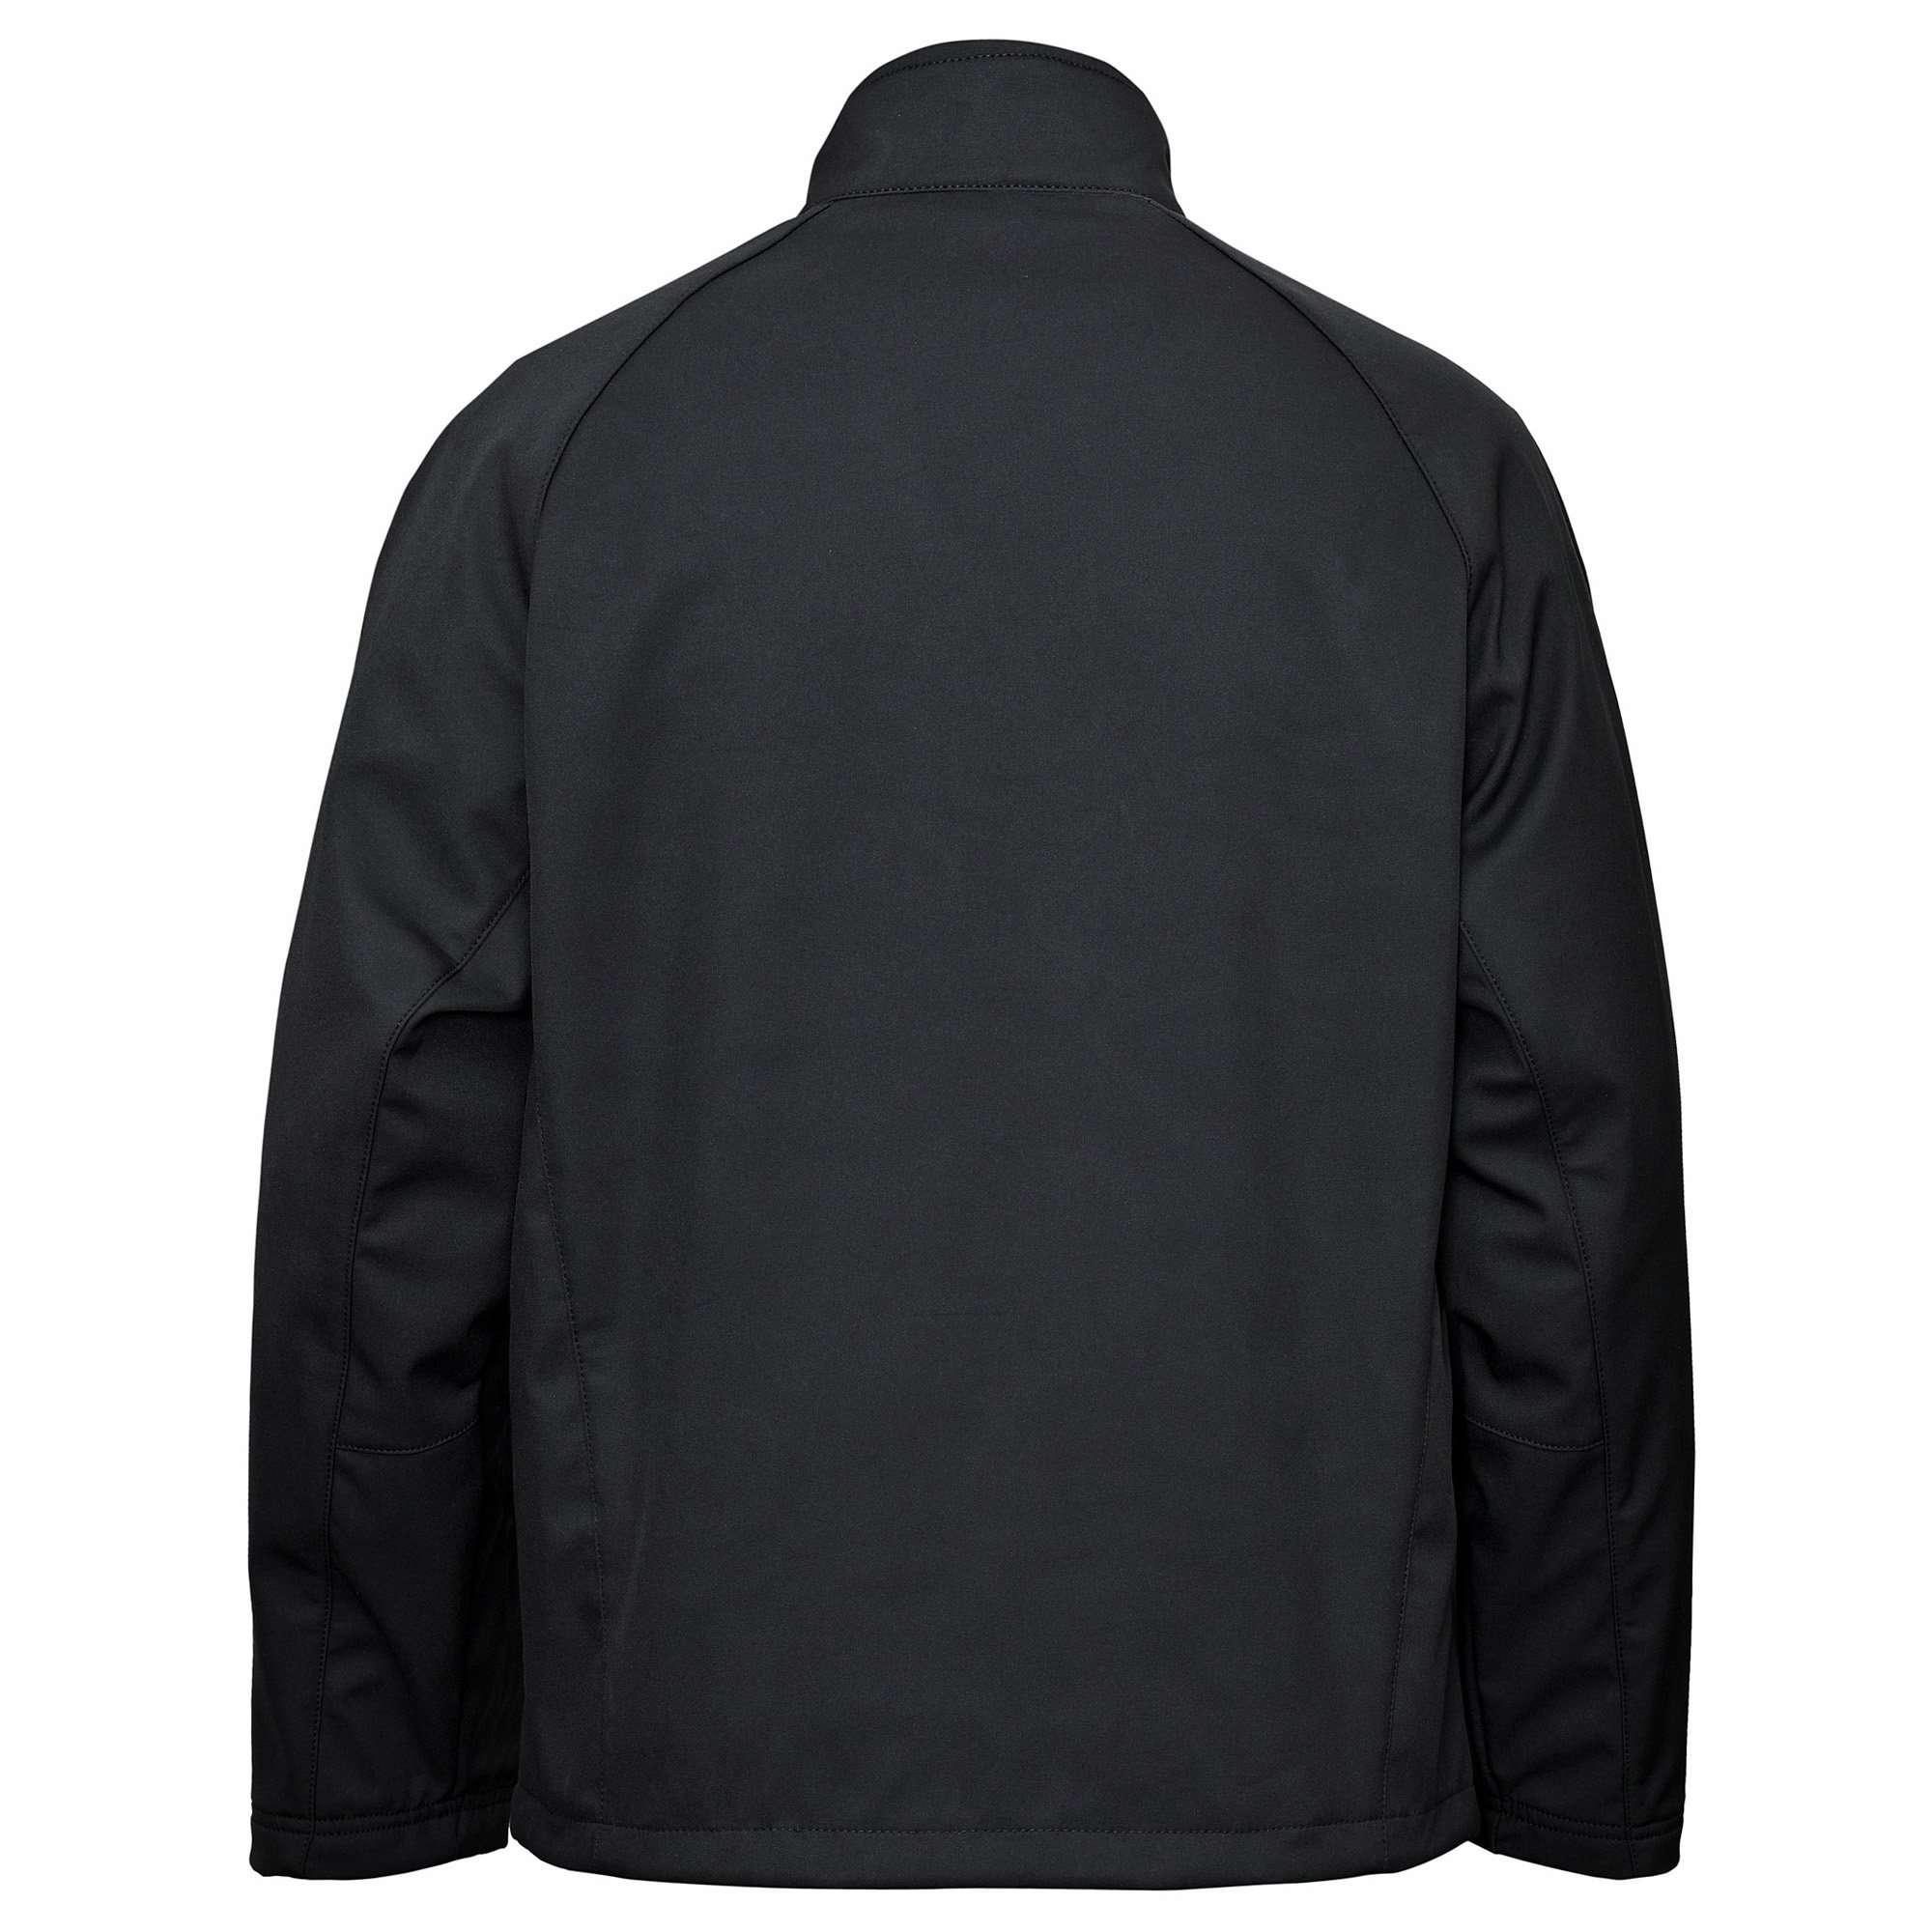 Mens-Windproof-Water-Repellent-Softshell-Zip-Front-Fleece-Lined-Jacket-MSJ1